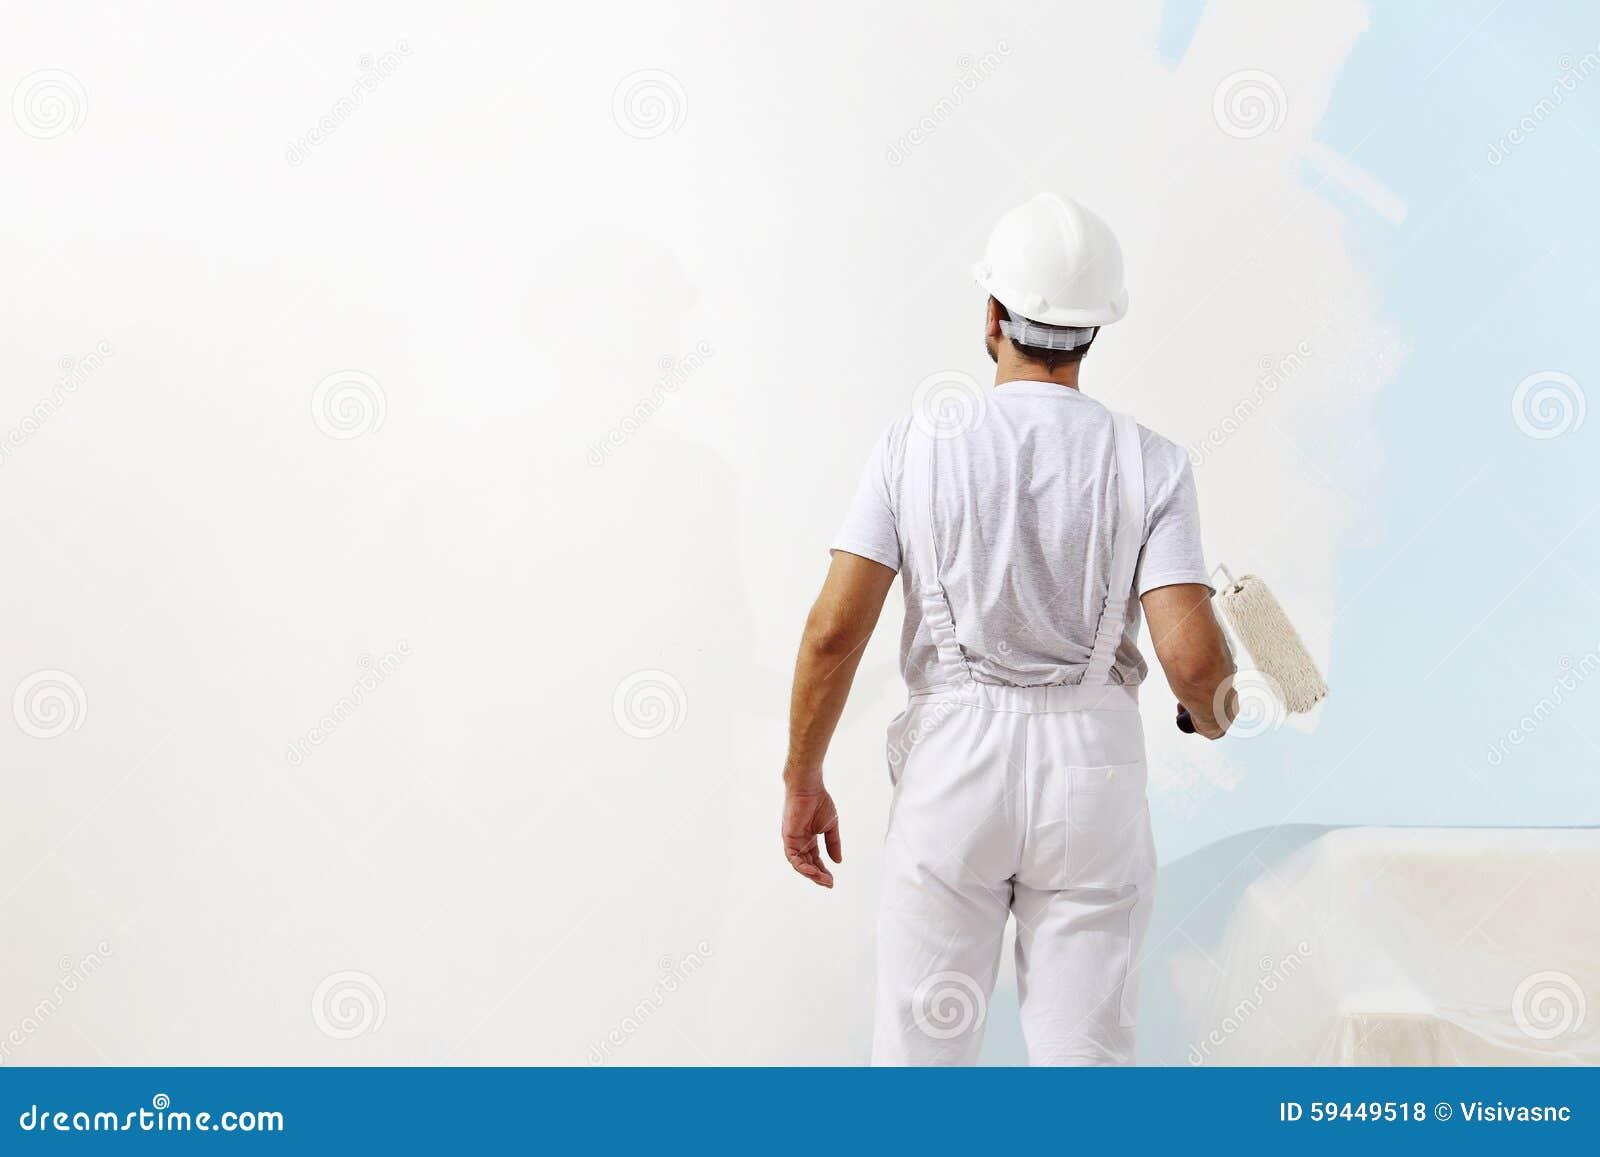 Målareman på arbete med en målarfärgrulle, väggmålning